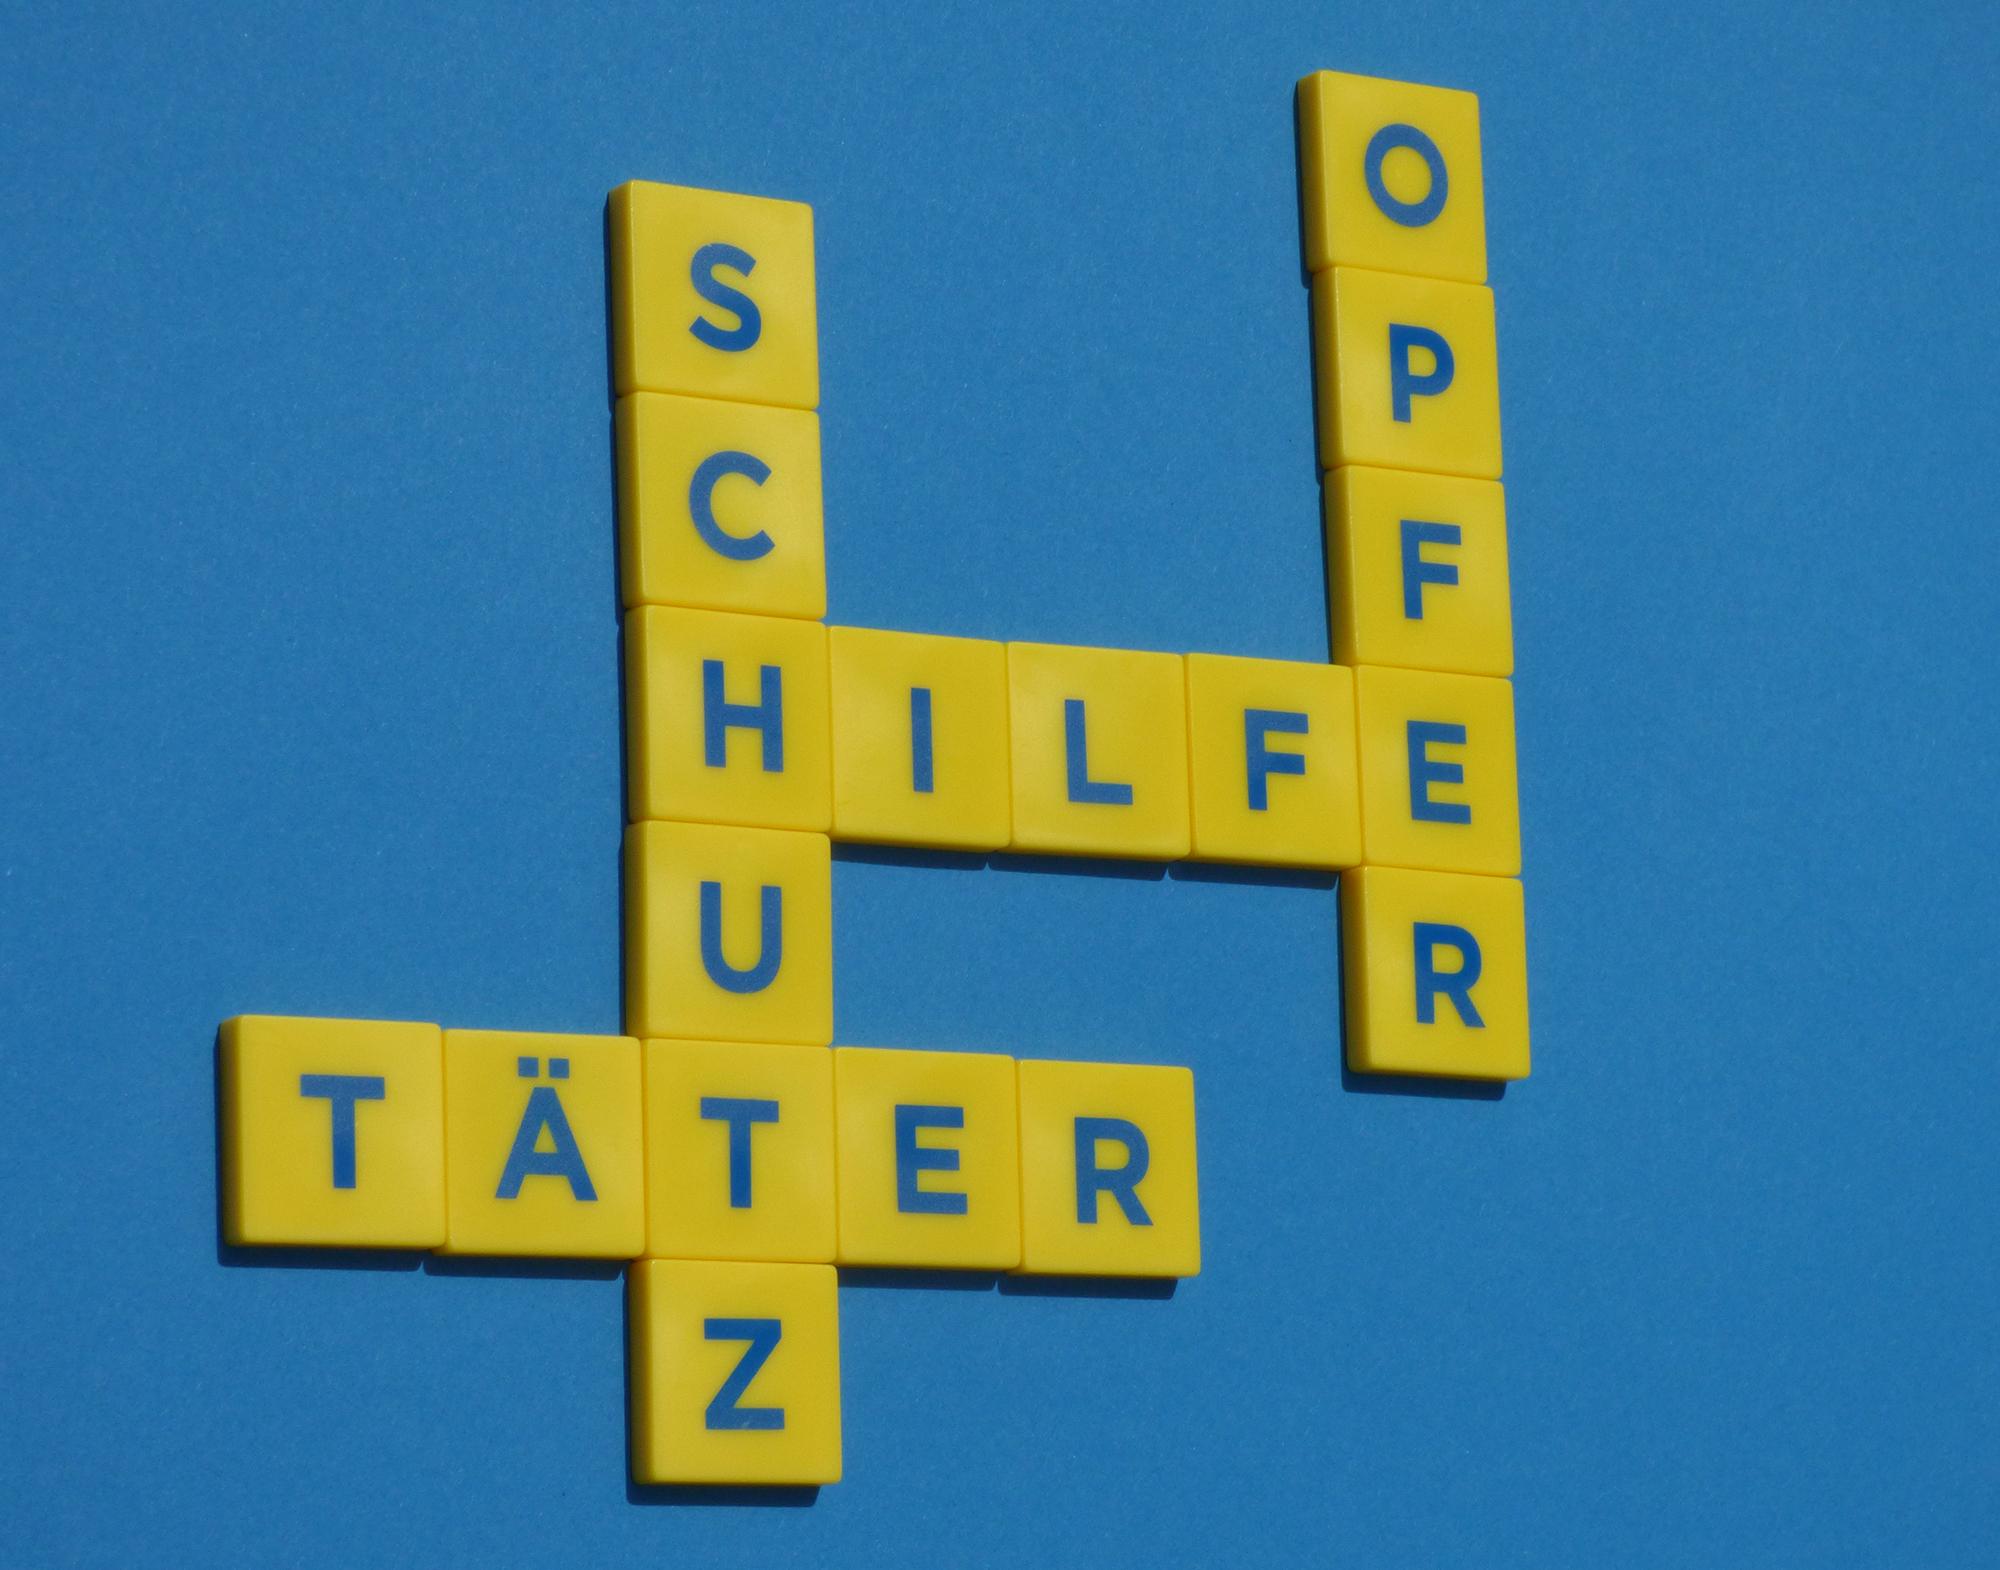 Schriftzüge Opfer Hilfe Schutz und Täter gelegt mit Buchstabensteinen